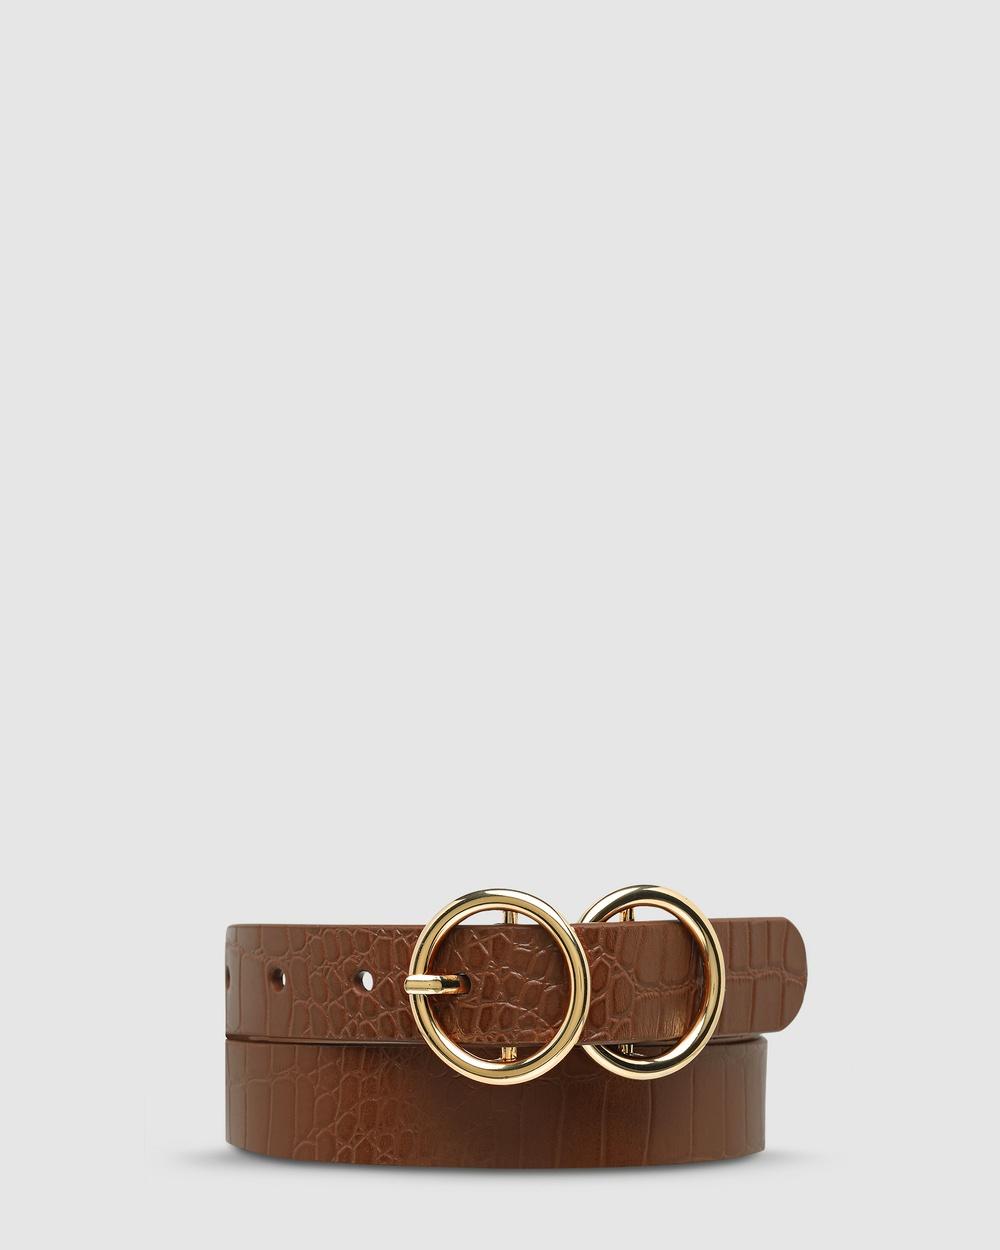 Status Anxiety Mislaid Skinny Belt Belts Tan Croc/Gold